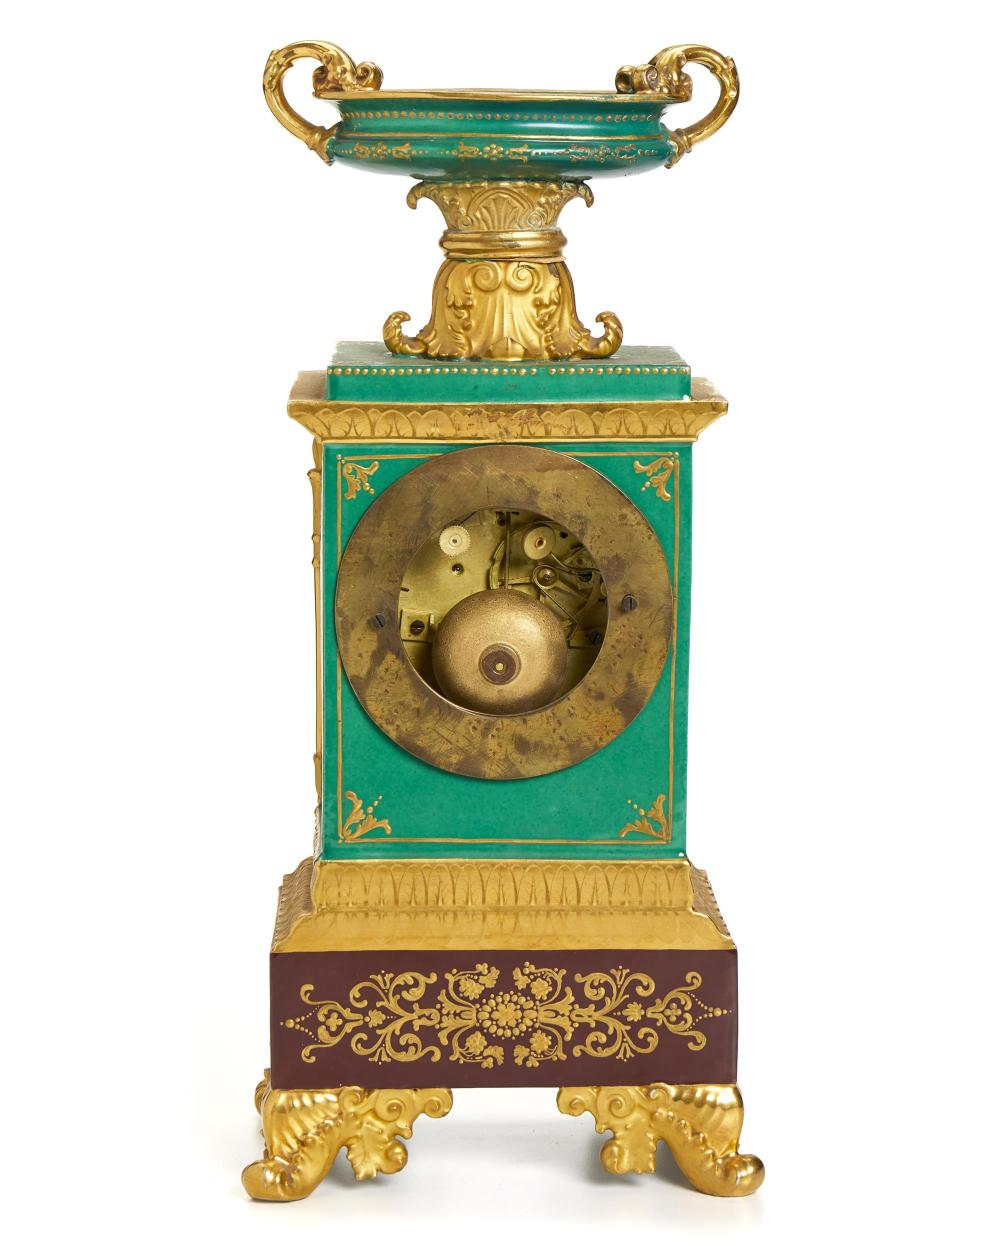 A Jacob Petite painted porcelain clock